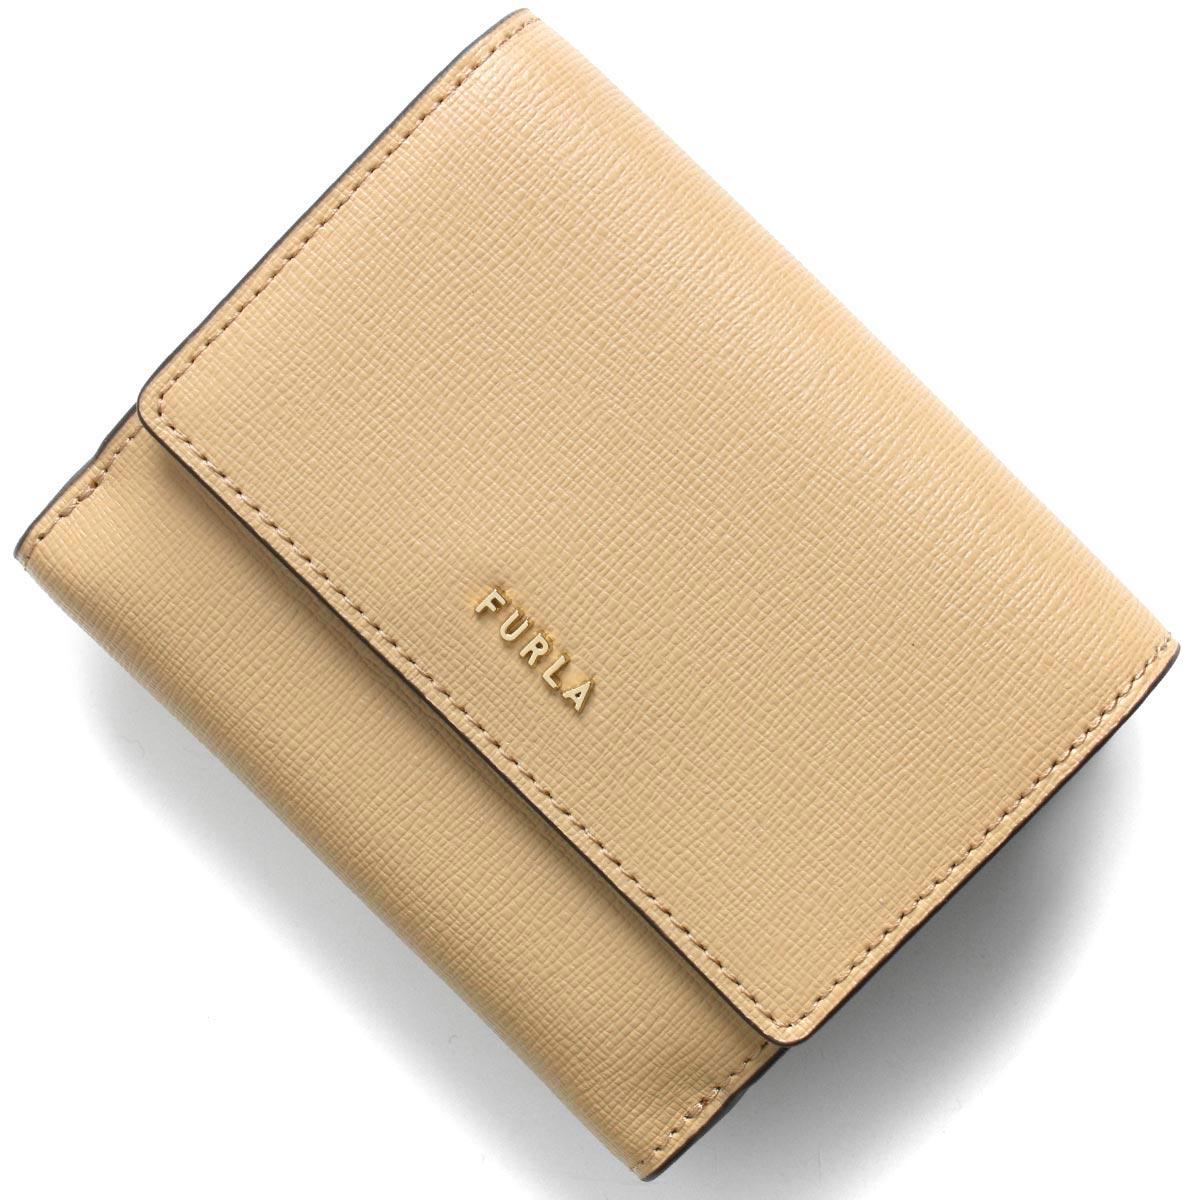 フルラ 二つ折り財布 財布 レディース バビロン スモール サンドベージュ PCY8 B30 02B 1056976 FURLA